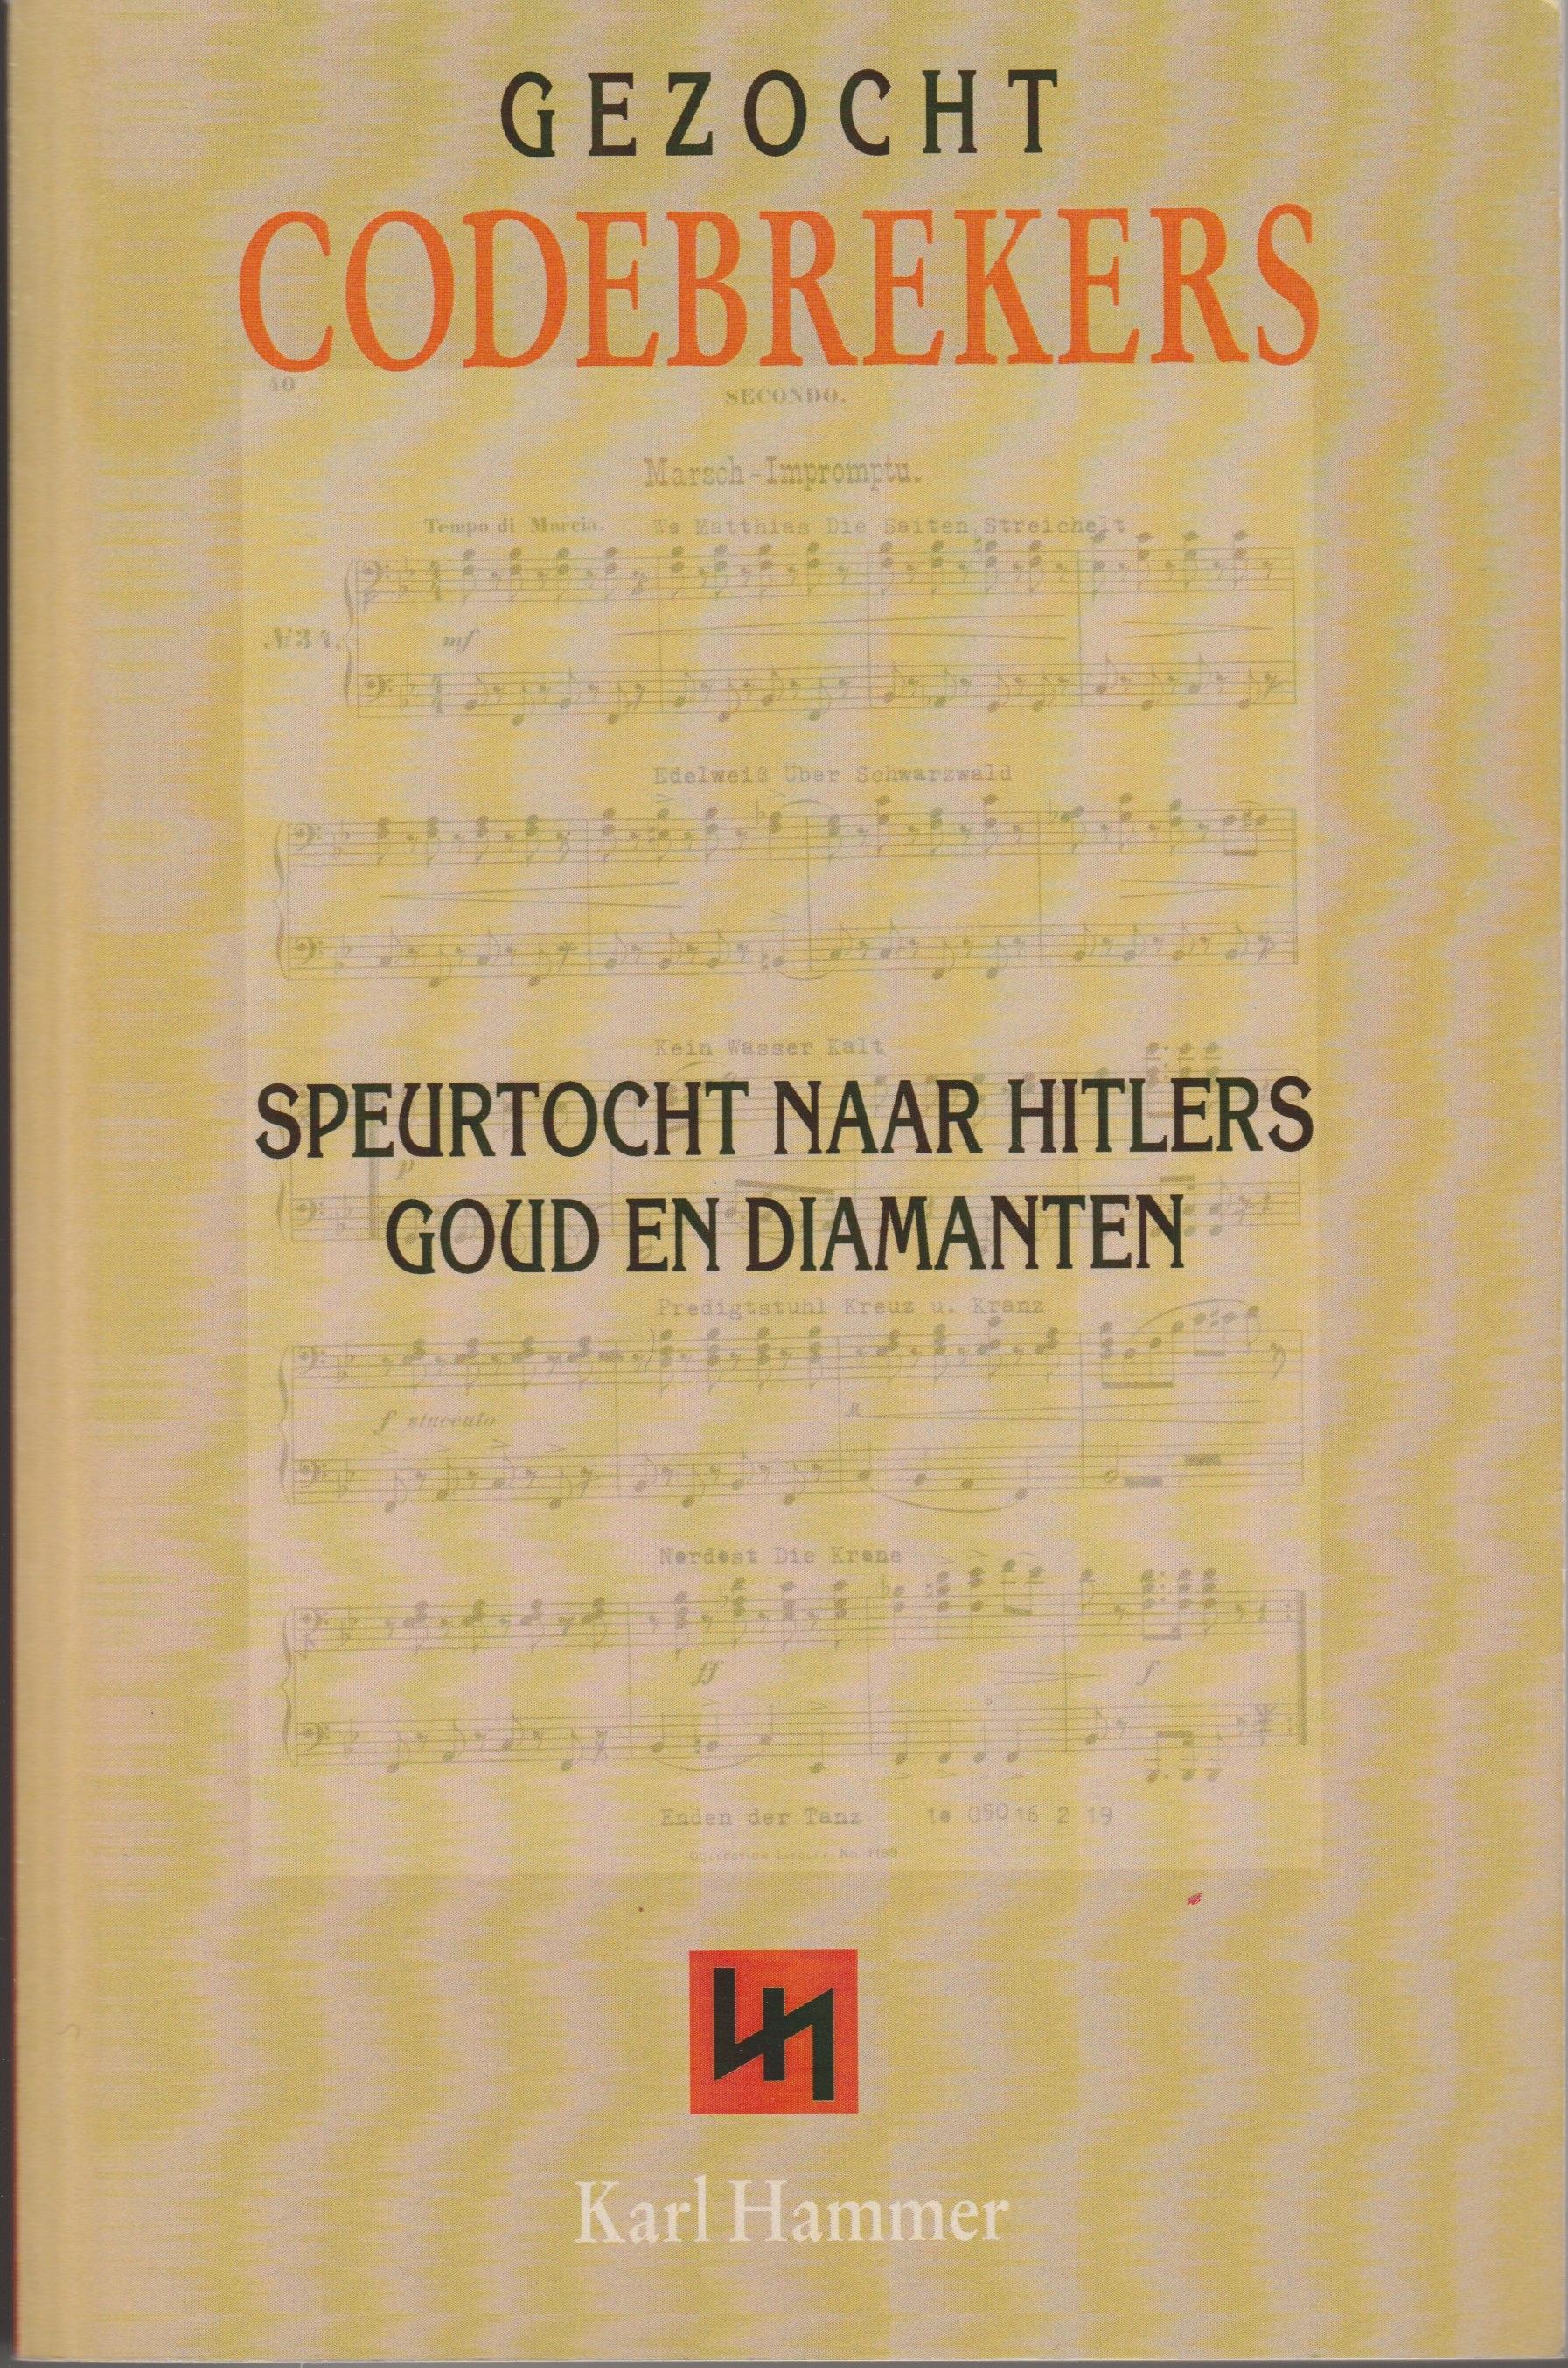 Karl Hanner's boek.jpeg